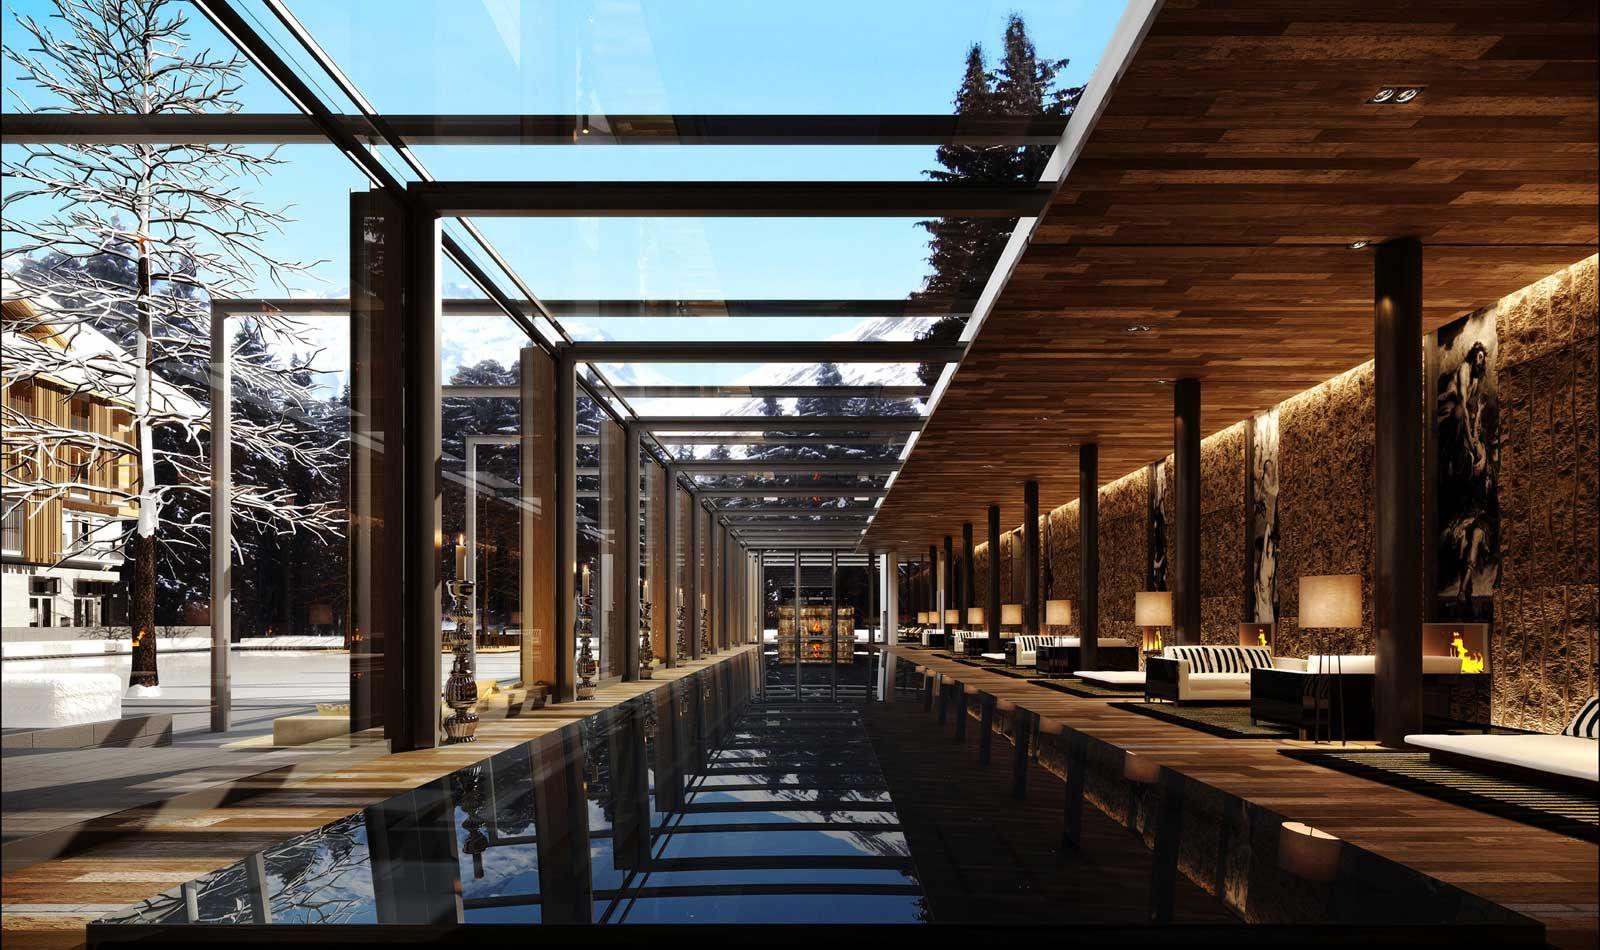 Chedi Andermatt Switzerland Luxury Ski Resort